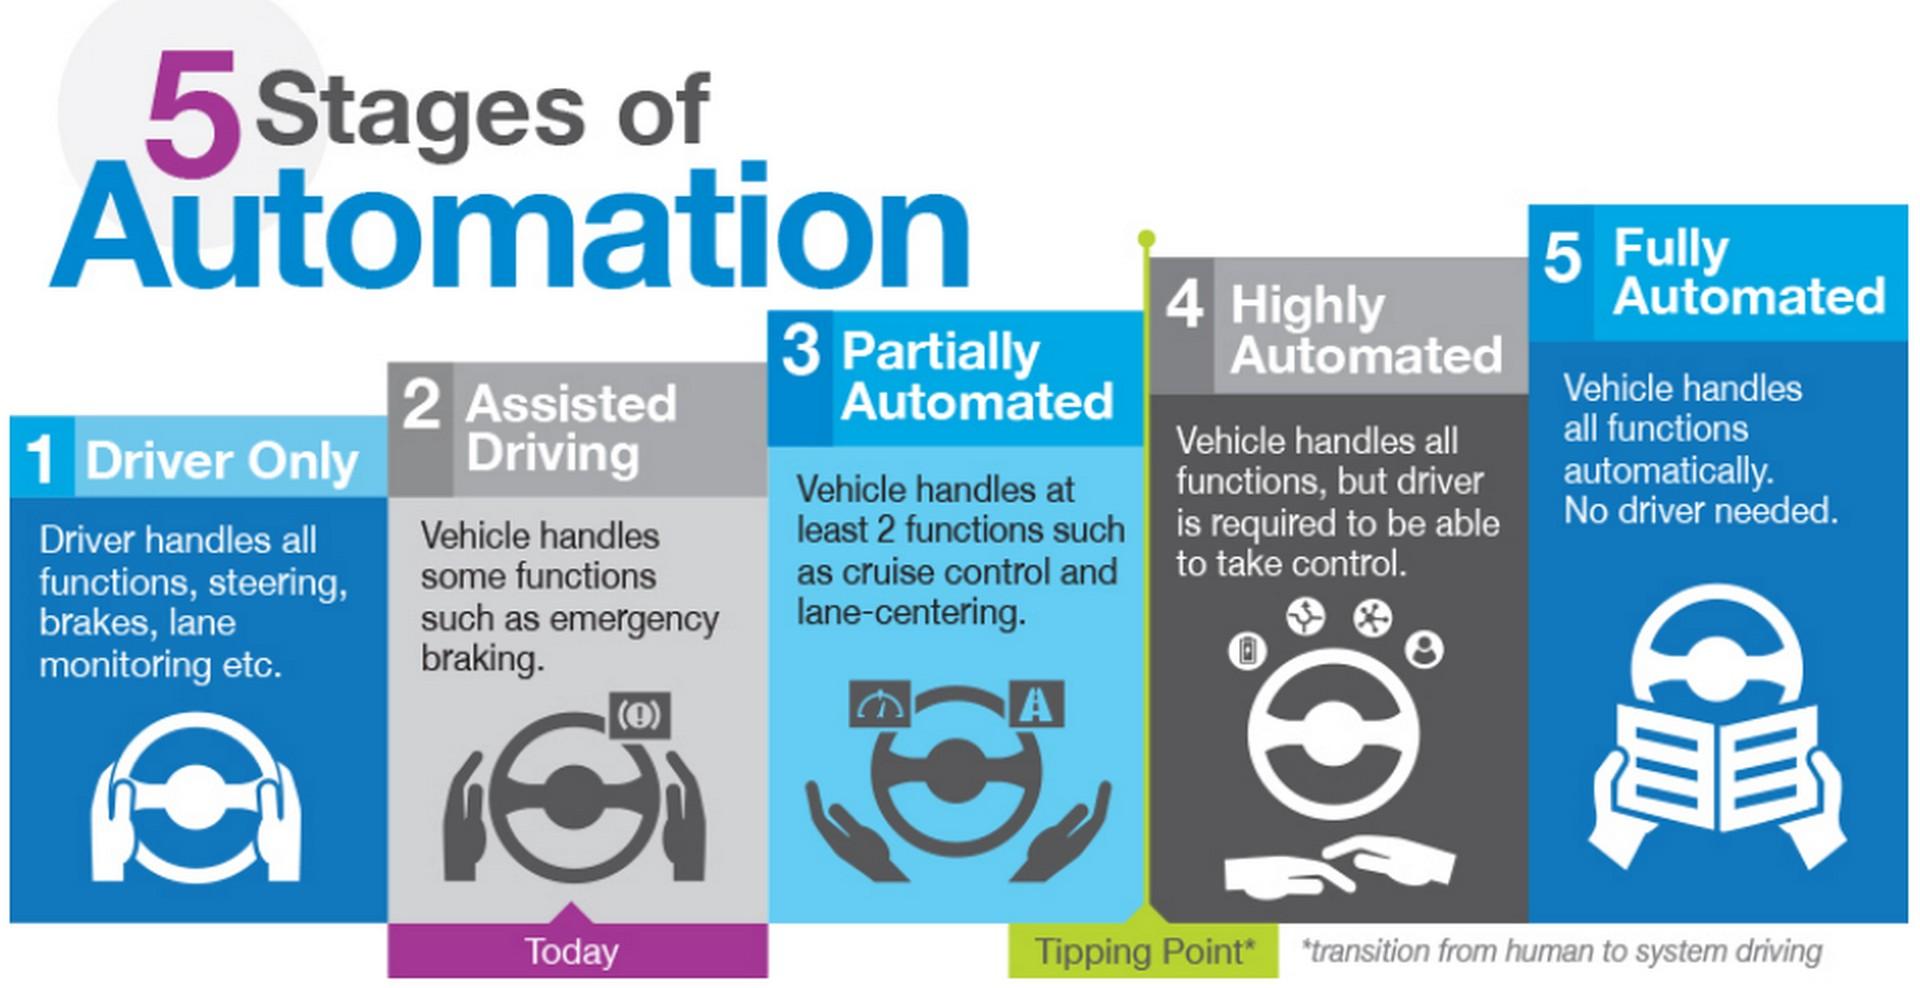 مراحل القيادة الذاتية للسيارات